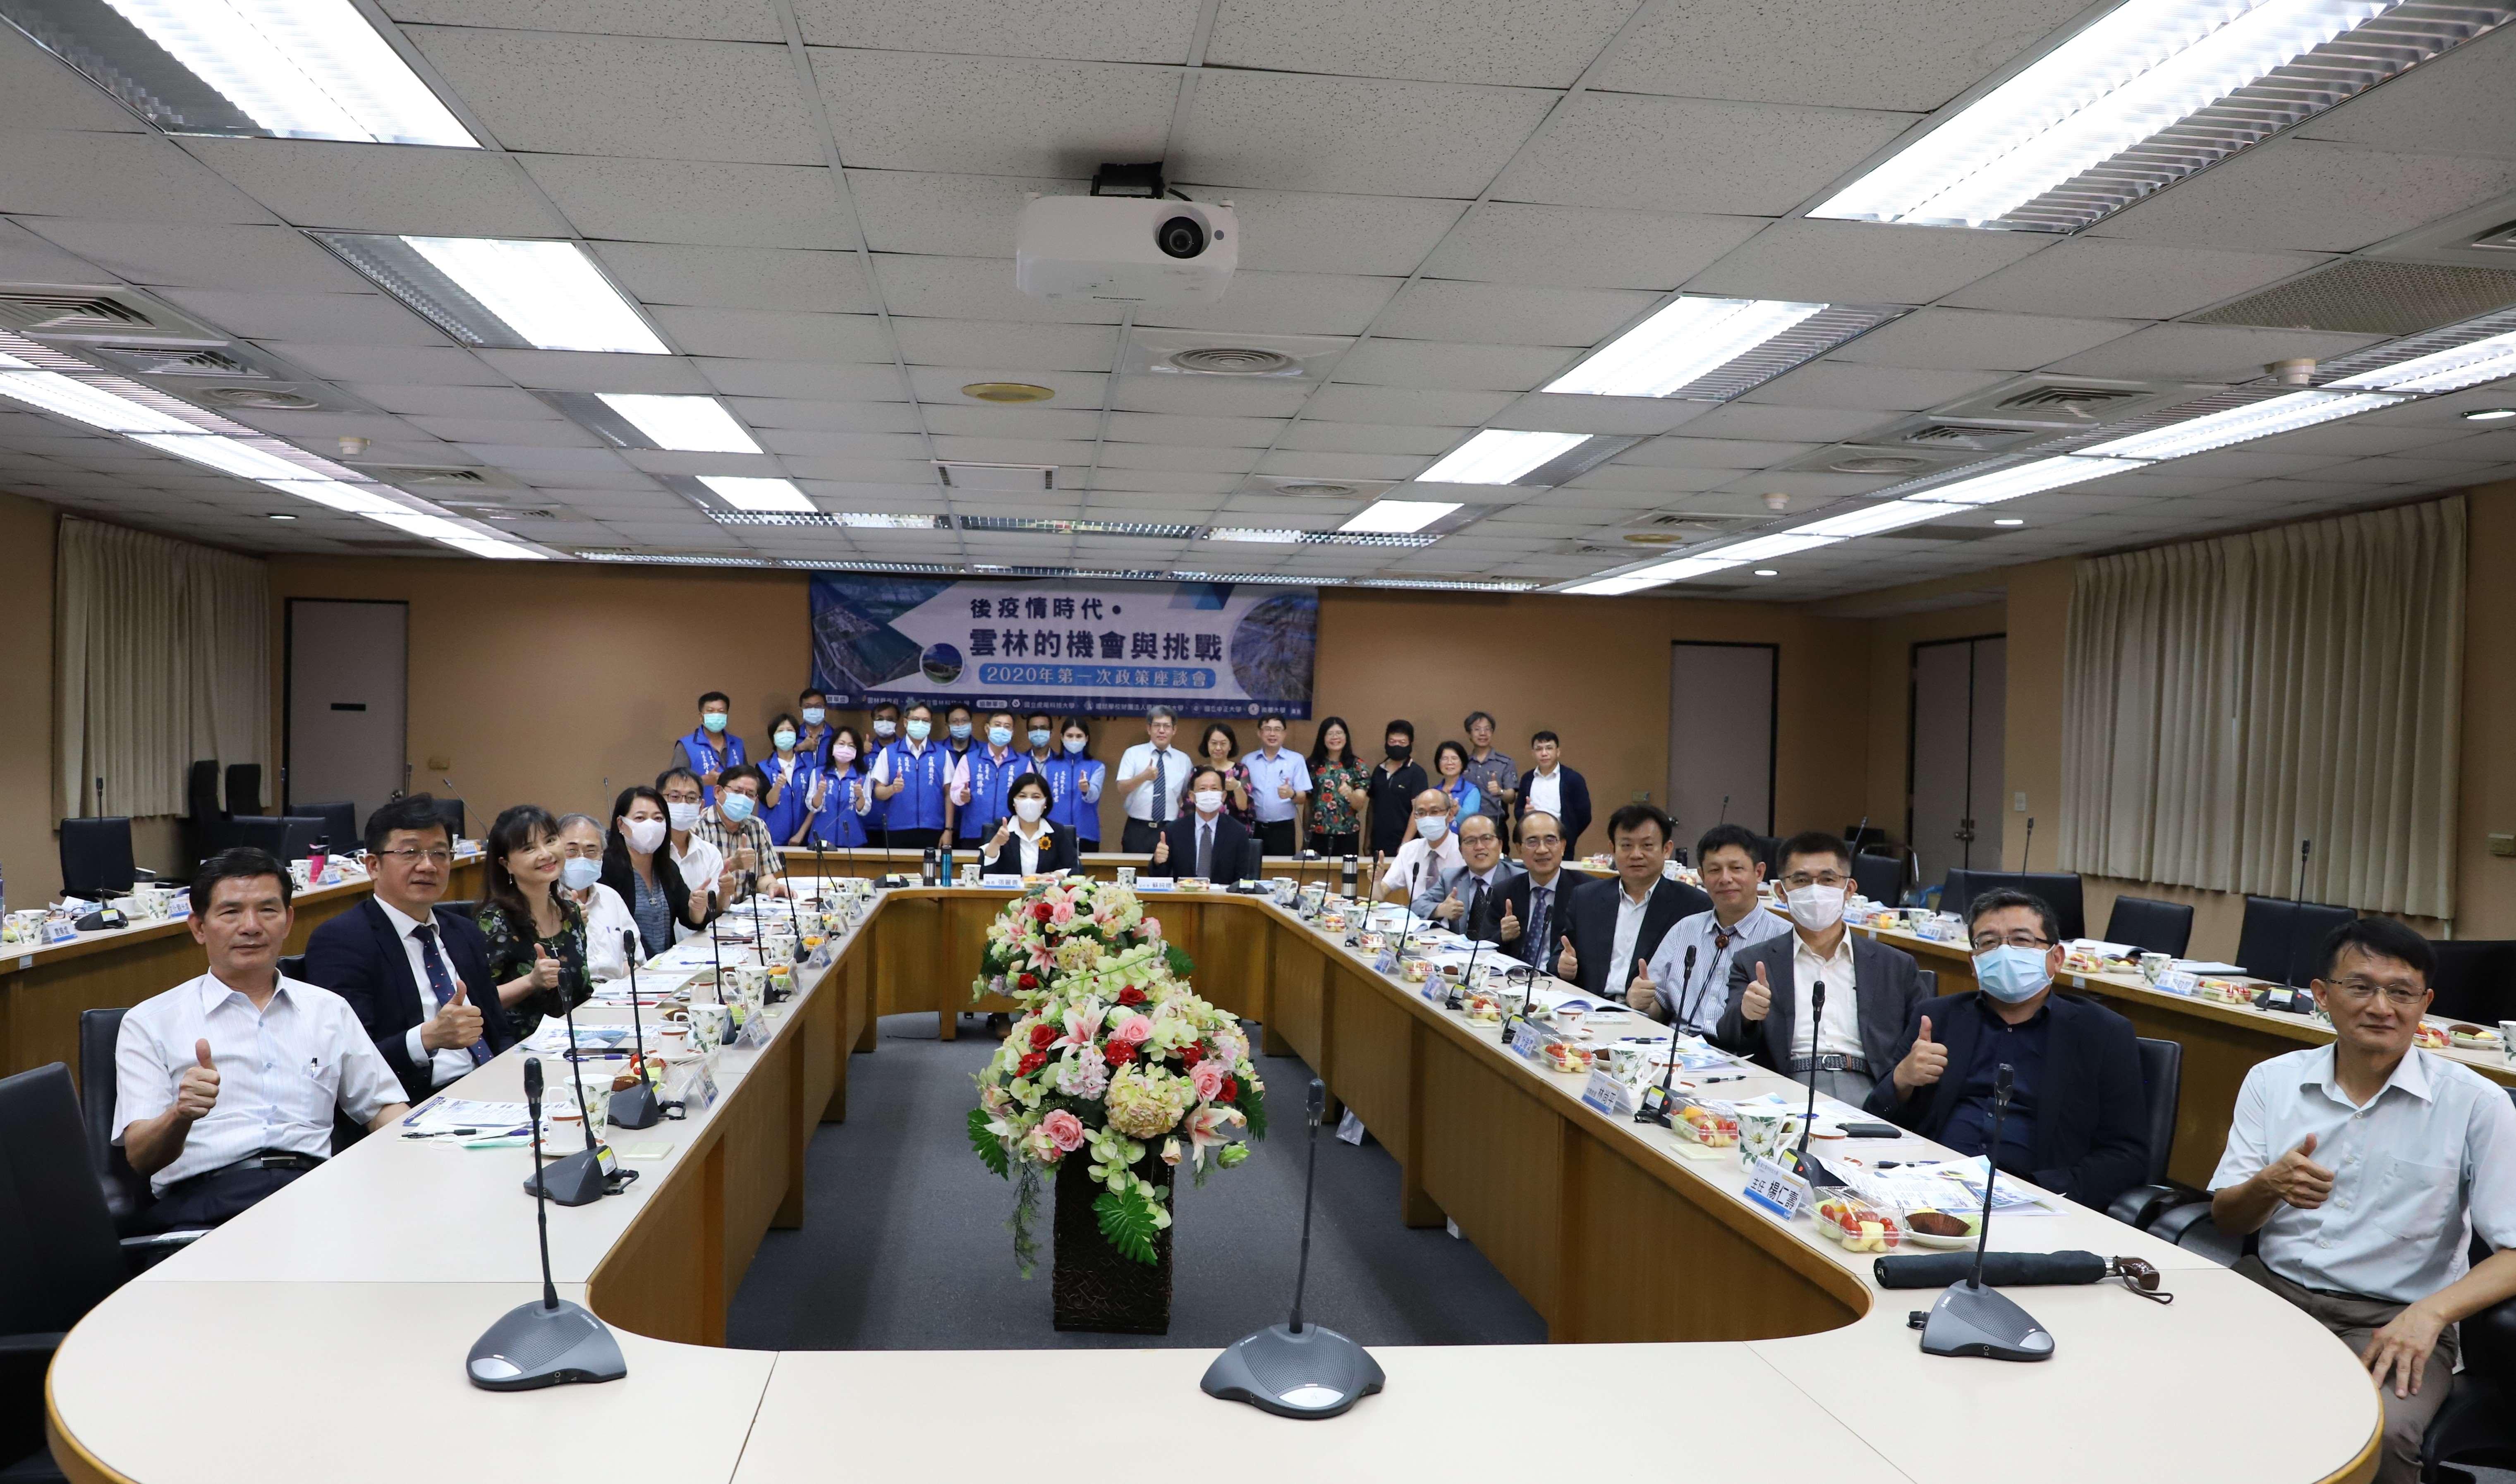 雲林縣政府邀請專家學者及產業界代表共同座談,攜手 迎向後疫情時代雲林的新機會。